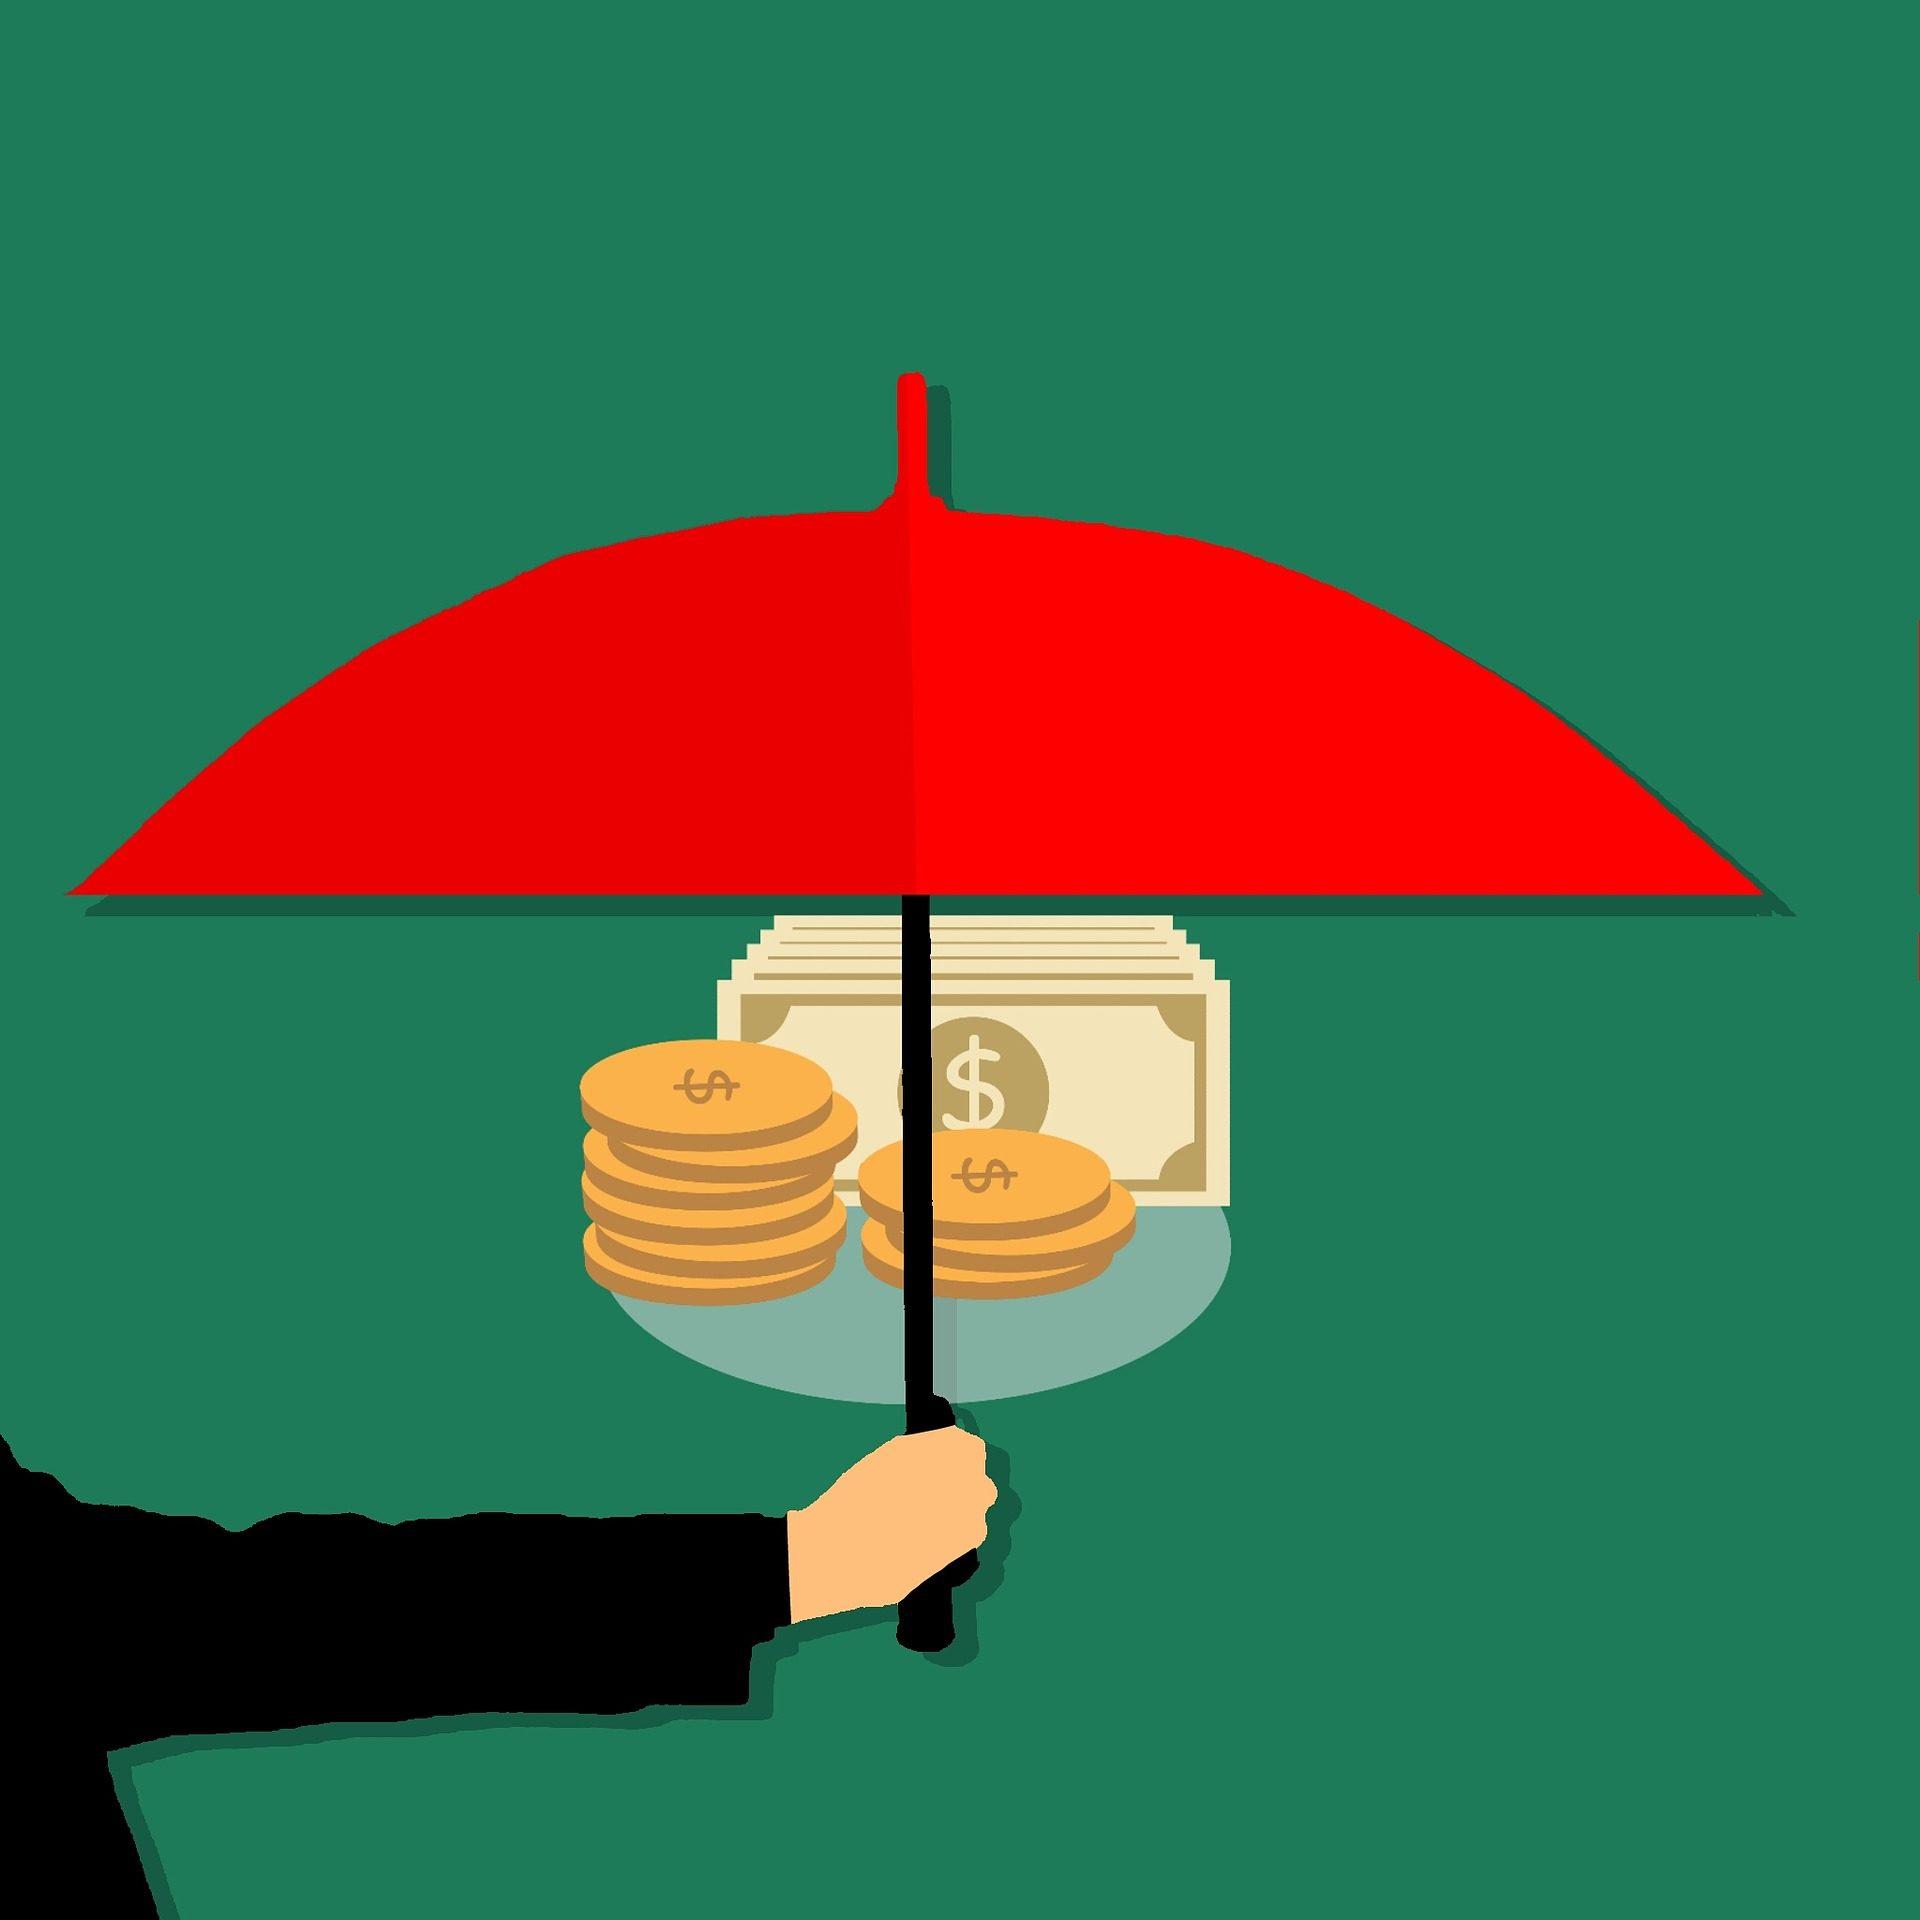 money-3225050_1920